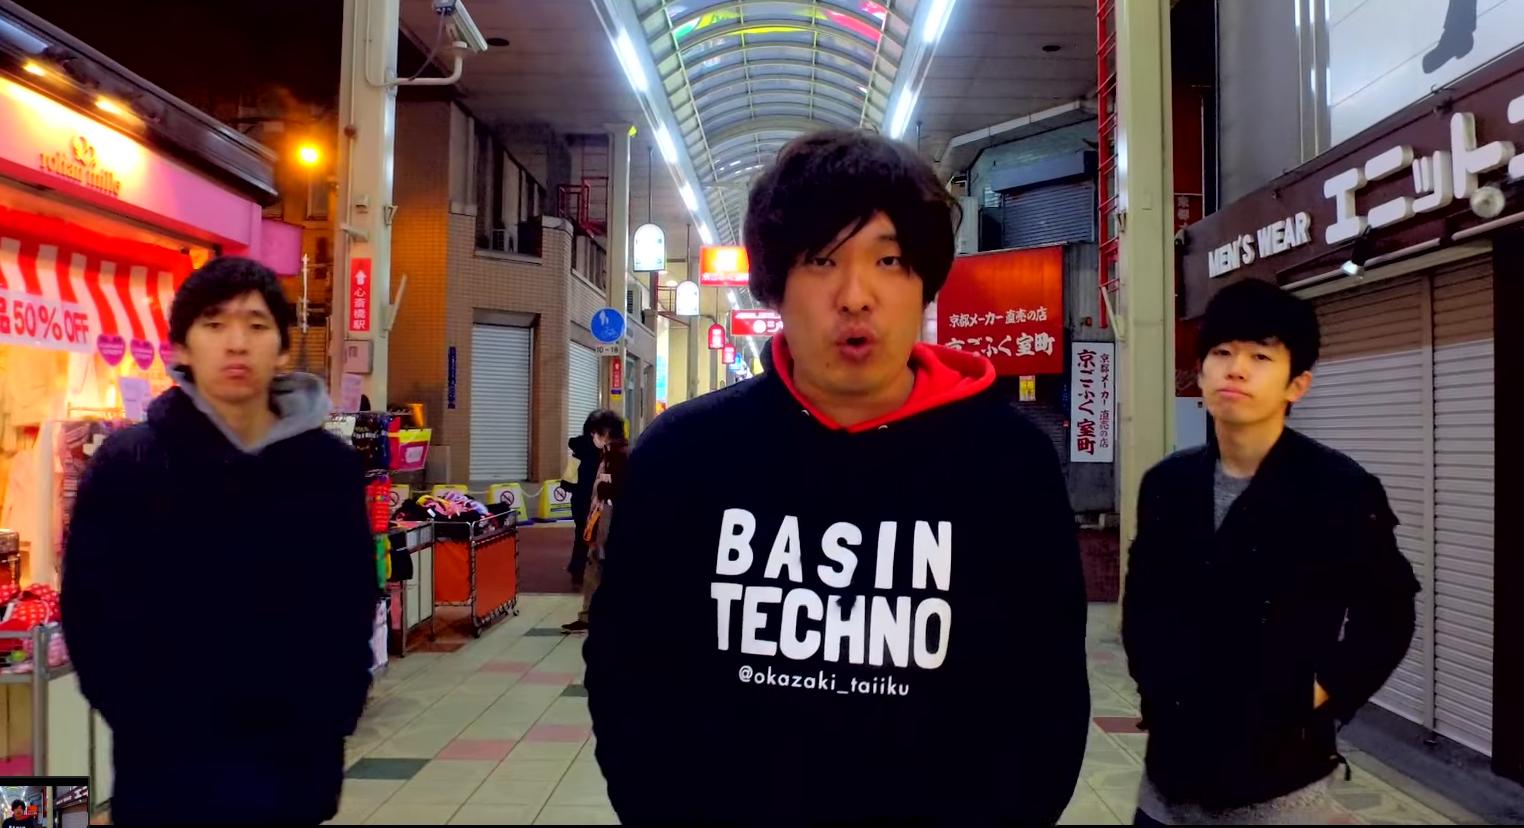 岡崎体育の 「MUSIC VIDEO」が頭から離れない